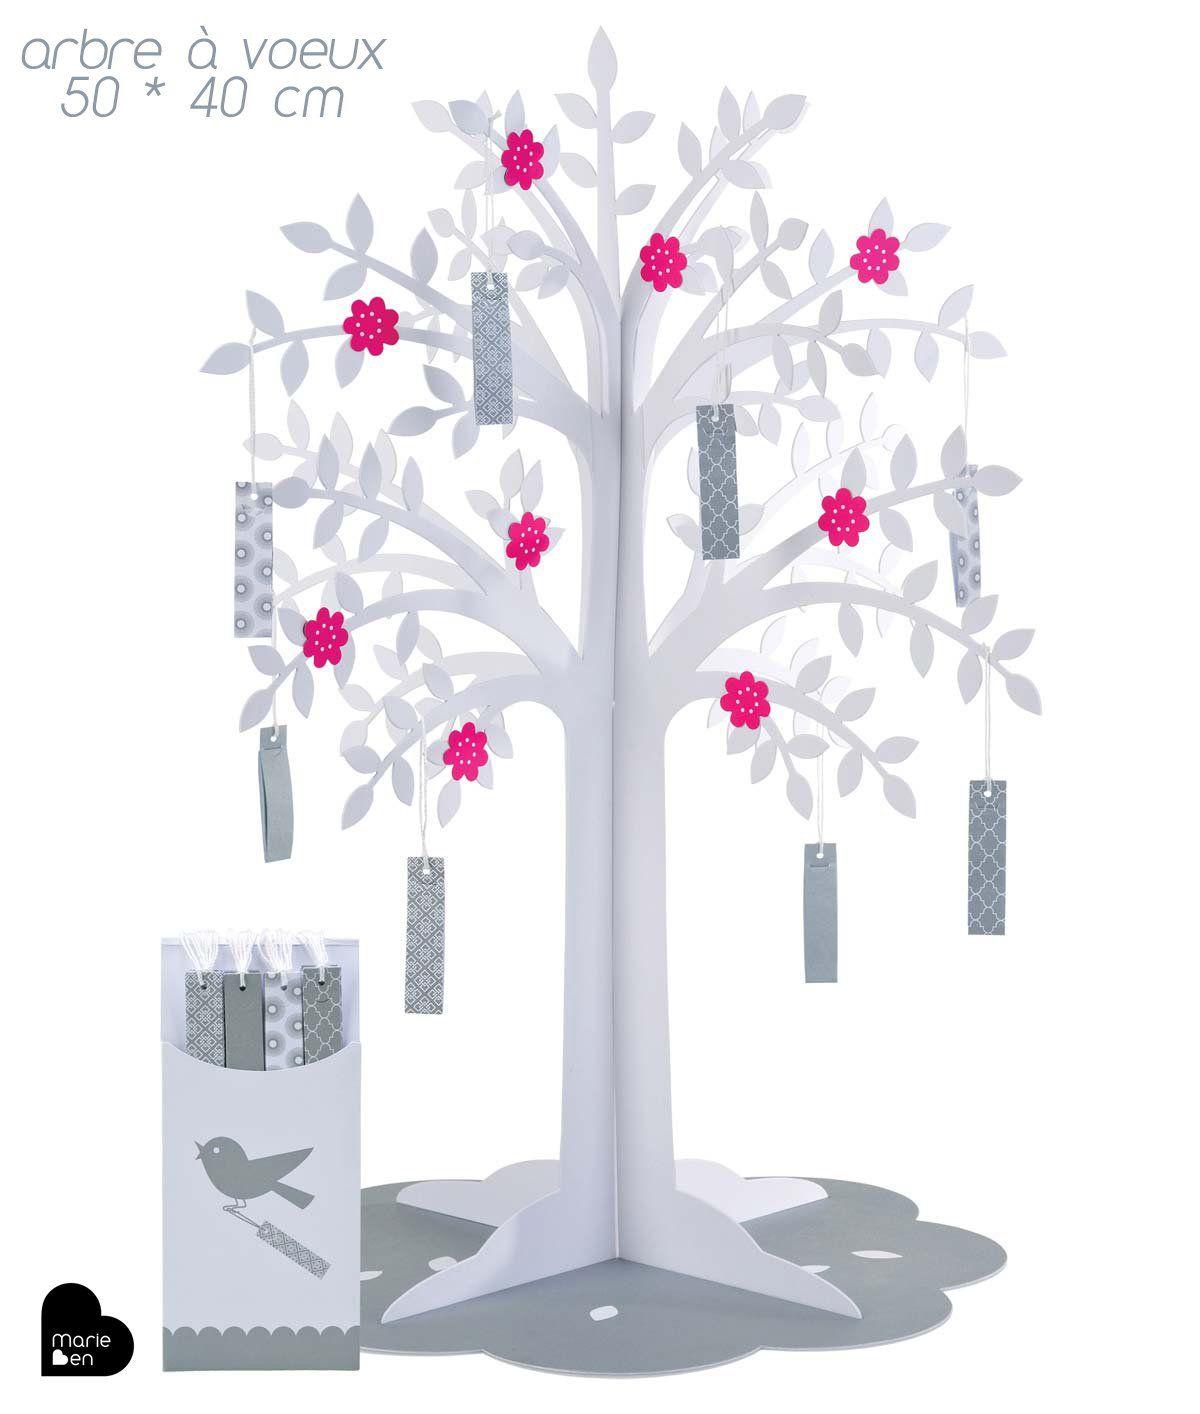 arbre voeux centre de table arbre voeux anniversaire mariage d coration livre d. Black Bedroom Furniture Sets. Home Design Ideas